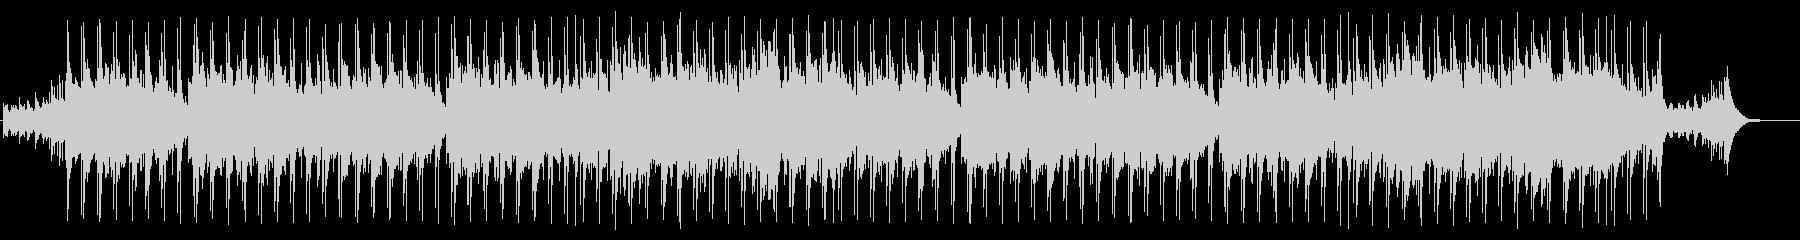 メルヘンチックなポップ/アコースティックの未再生の波形